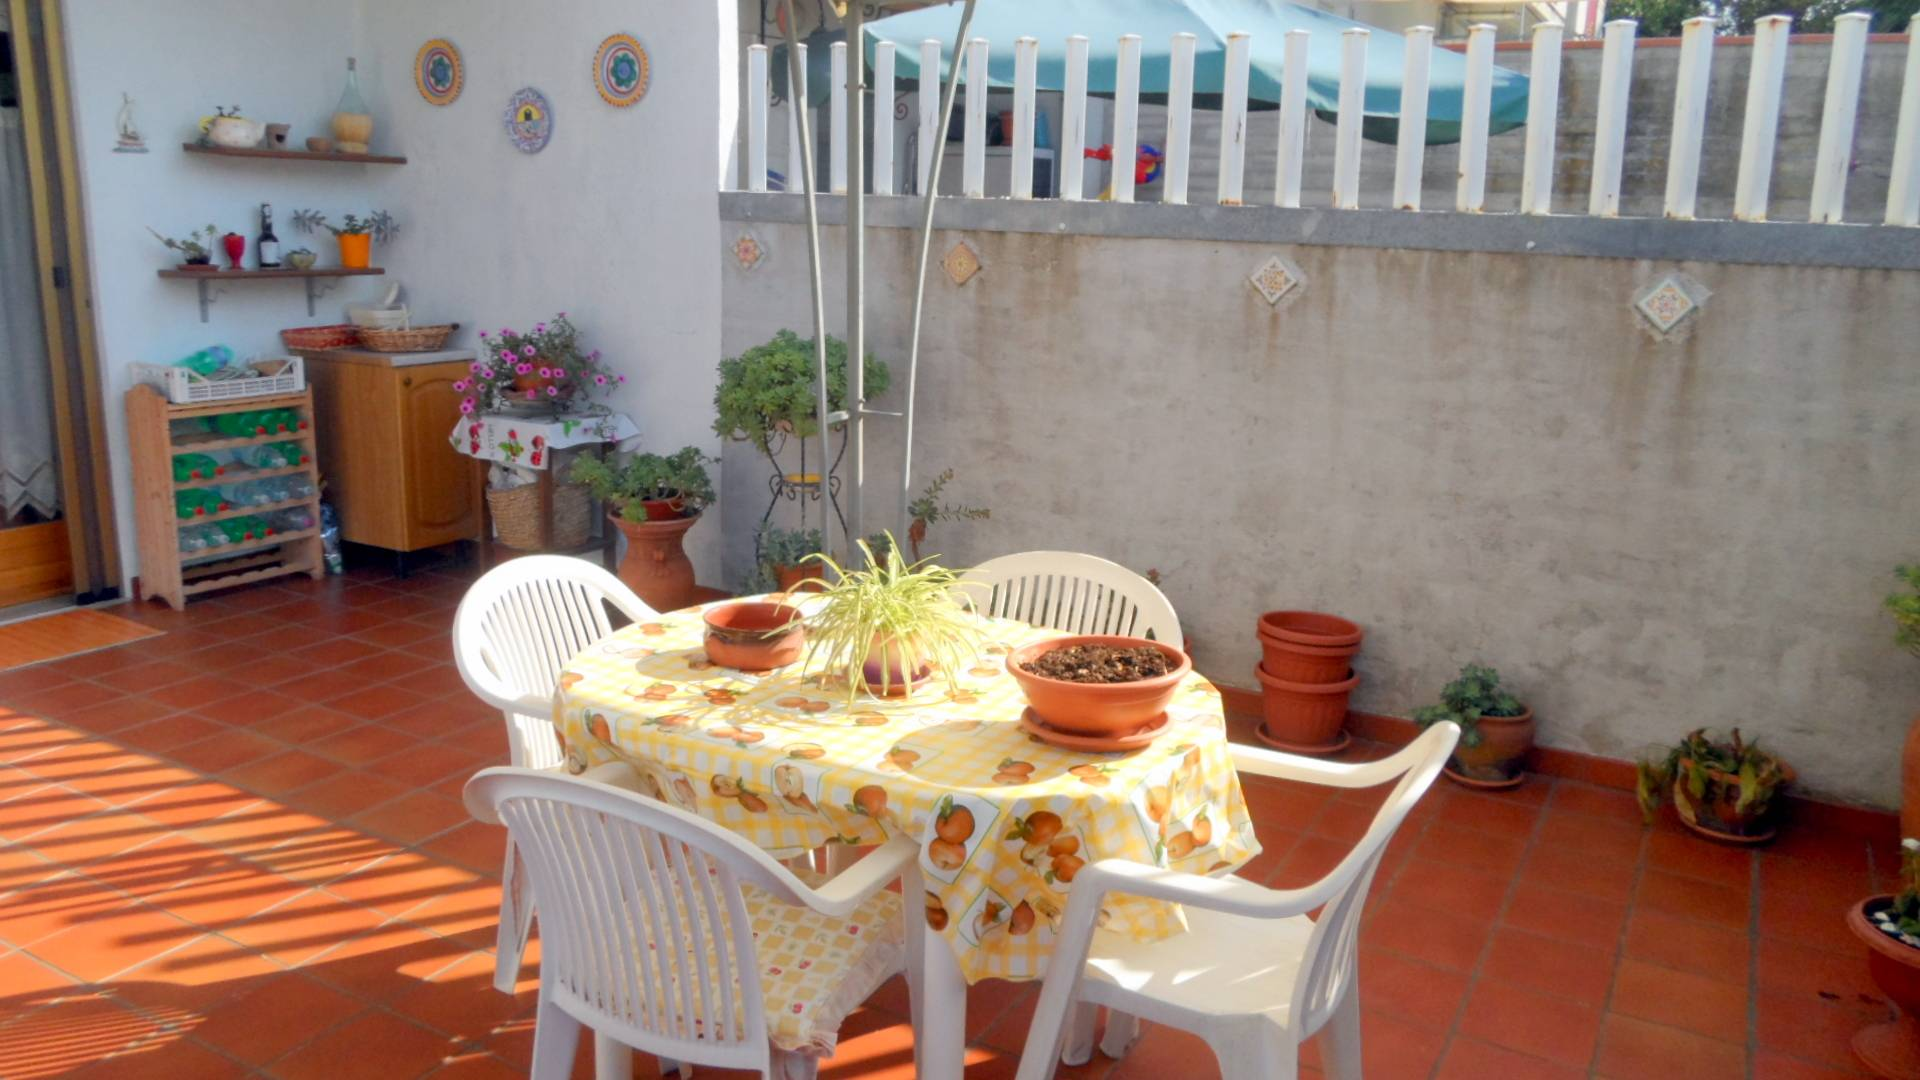 Appartamento in vendita a Monsampolo del Tronto, 5 locali, zona Località: StelladiMonsampolo, prezzo € 85.000 | CambioCasa.it